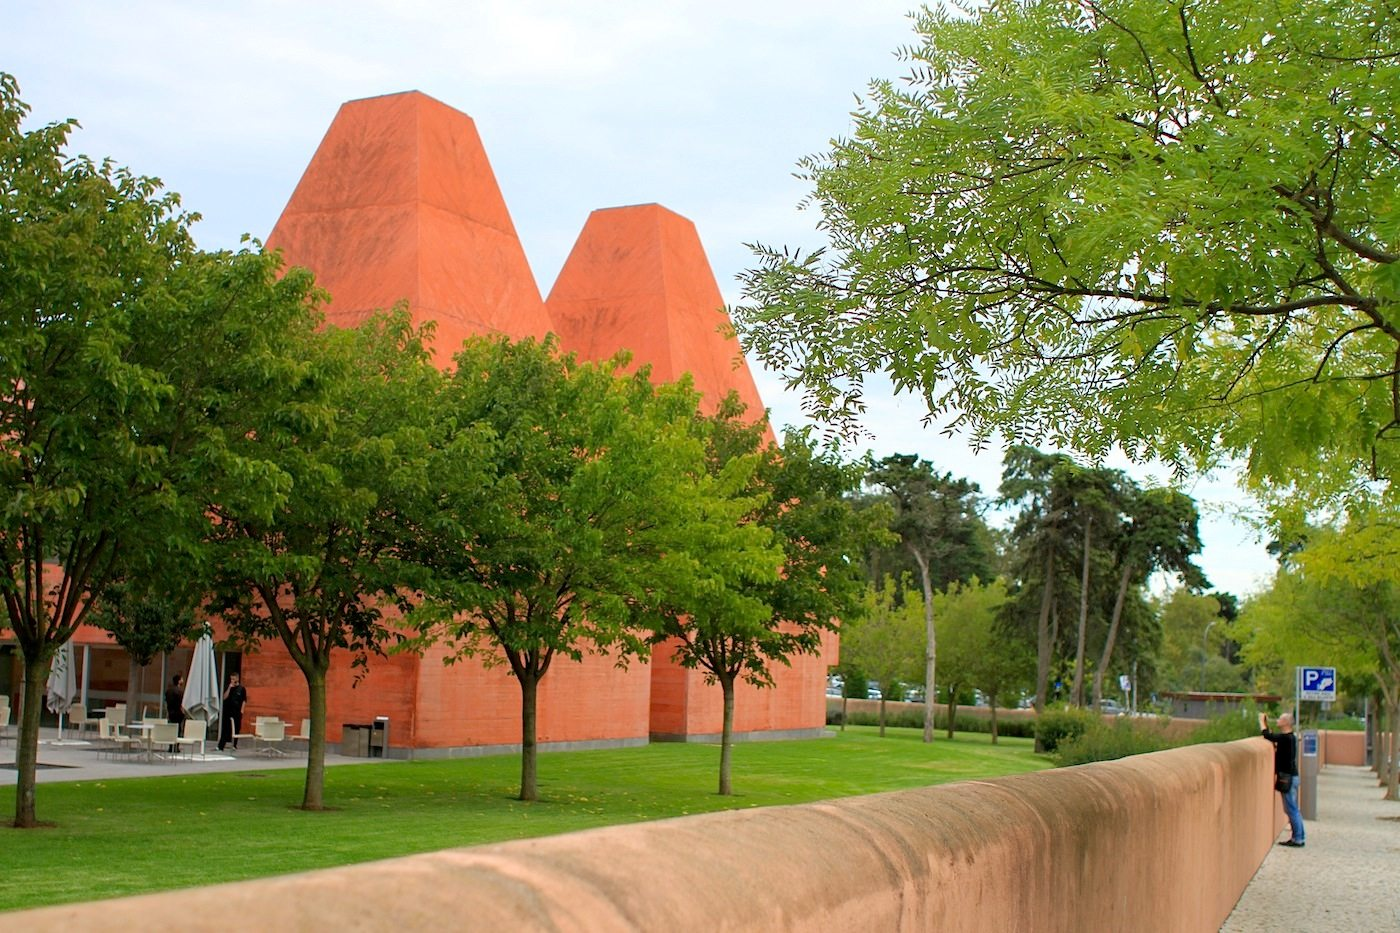 Haus der Geschichten Paula Rego.  2009 eröffnet, geplant von Eduardo Souto de Moura, Architekt und Pritzker-Preisträger.